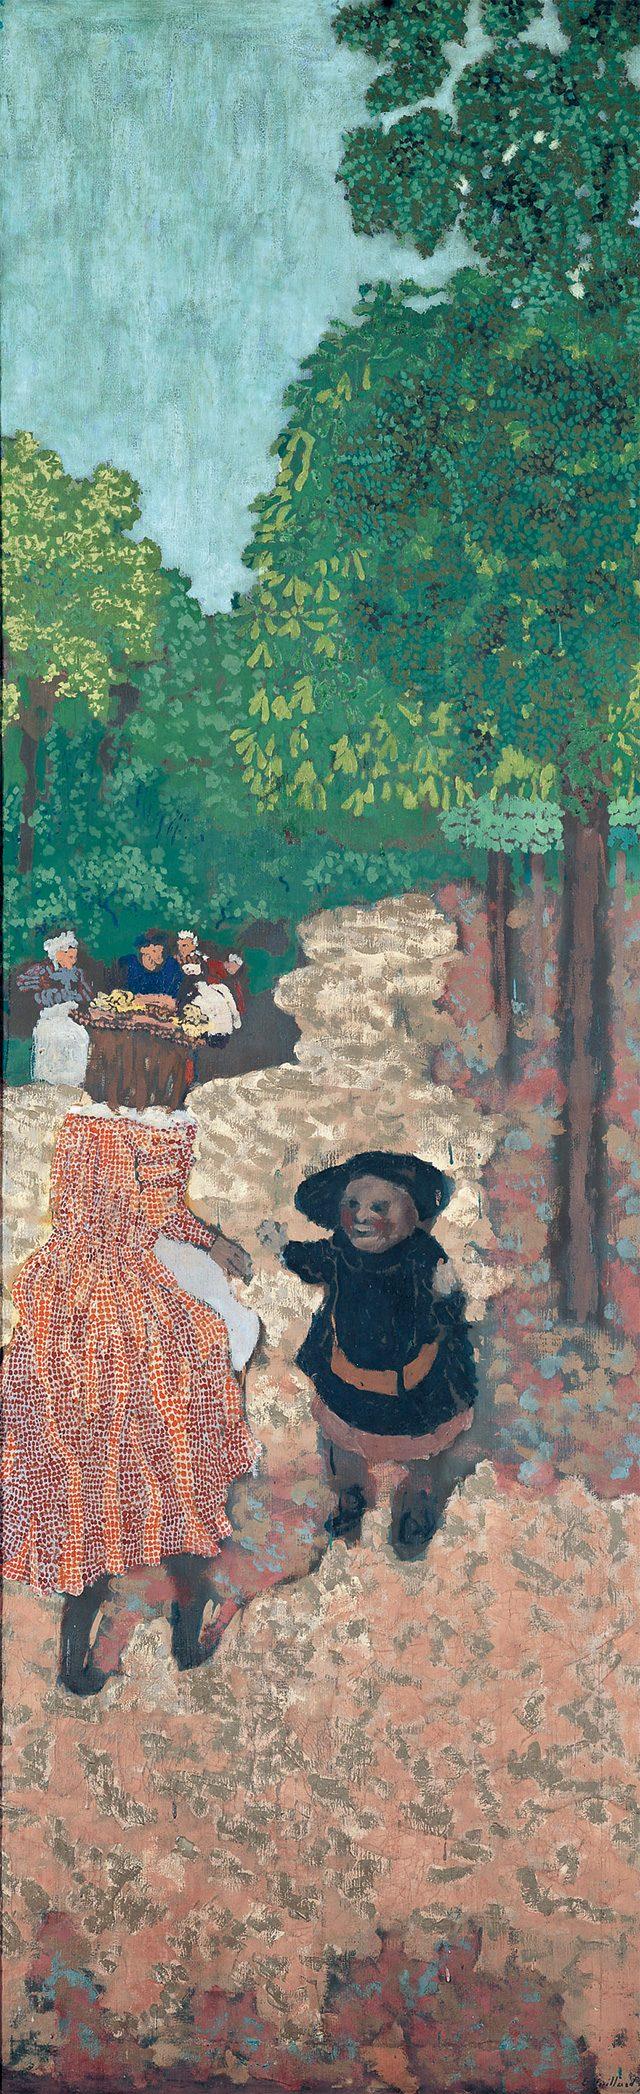 에두아르 뷔야르(Edouard Vuillard, 1868-1940), '첫 발걸음 – 공원의 7번째 패널 (Les Premiers Pas - 7e Panneau des Jardins Publics)', 1894, 캔버스에 템페라화, 213.4×68.5cm, ©droit réservés